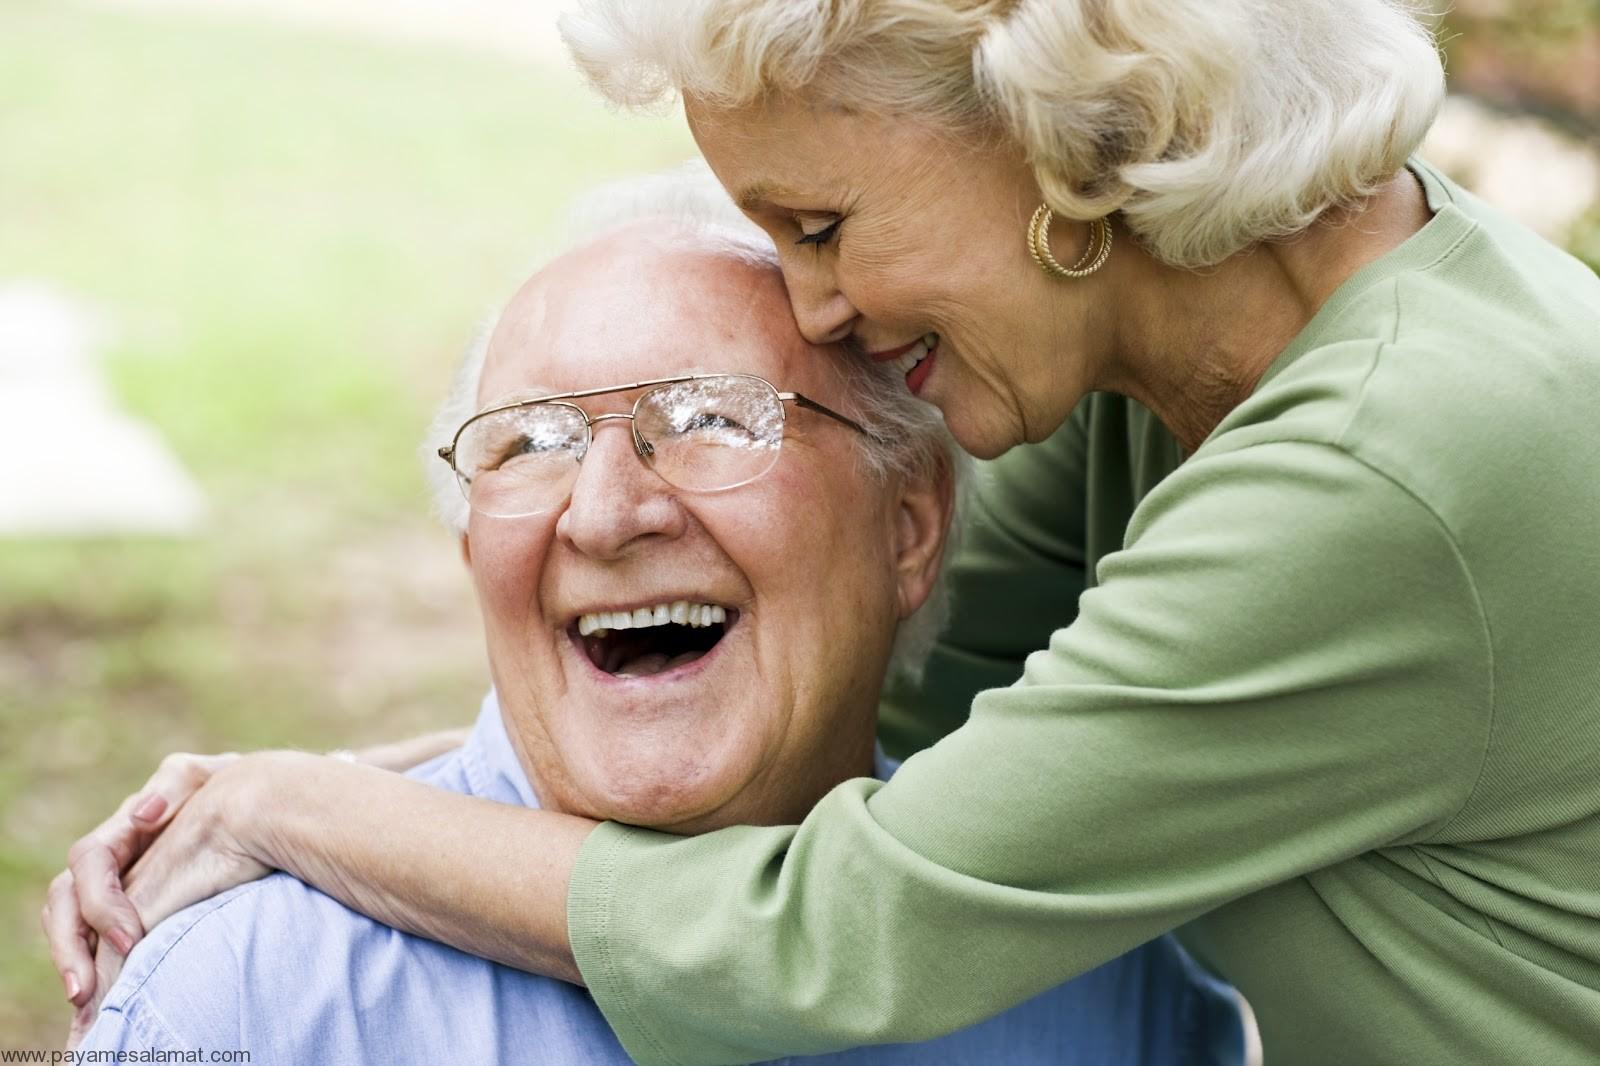 ۴ رفتار سلامت بخش برای داشتن عمری طولانی